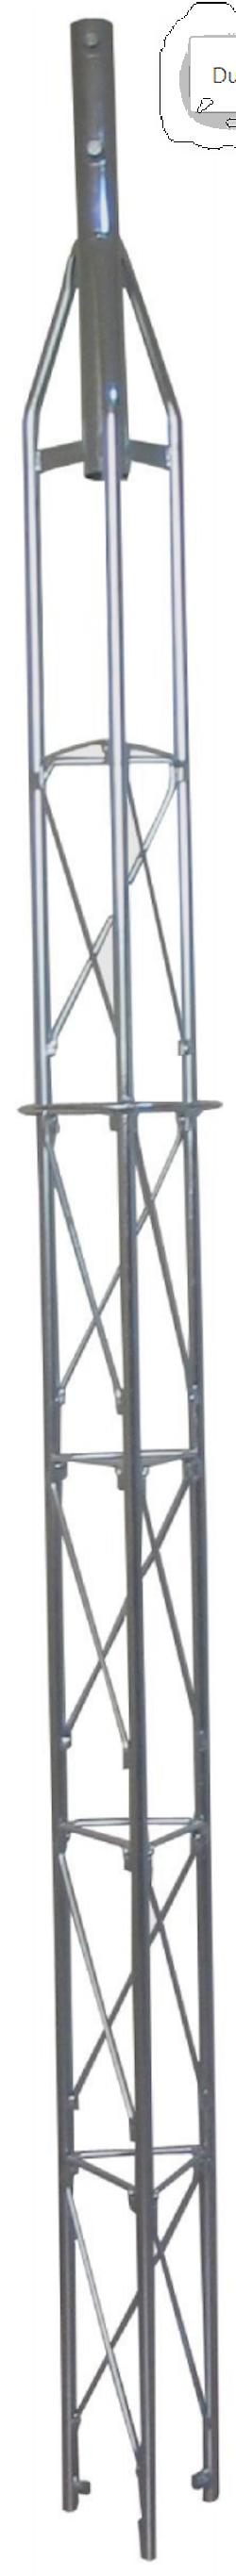 Fackverksmast top 180 serie 2,5m